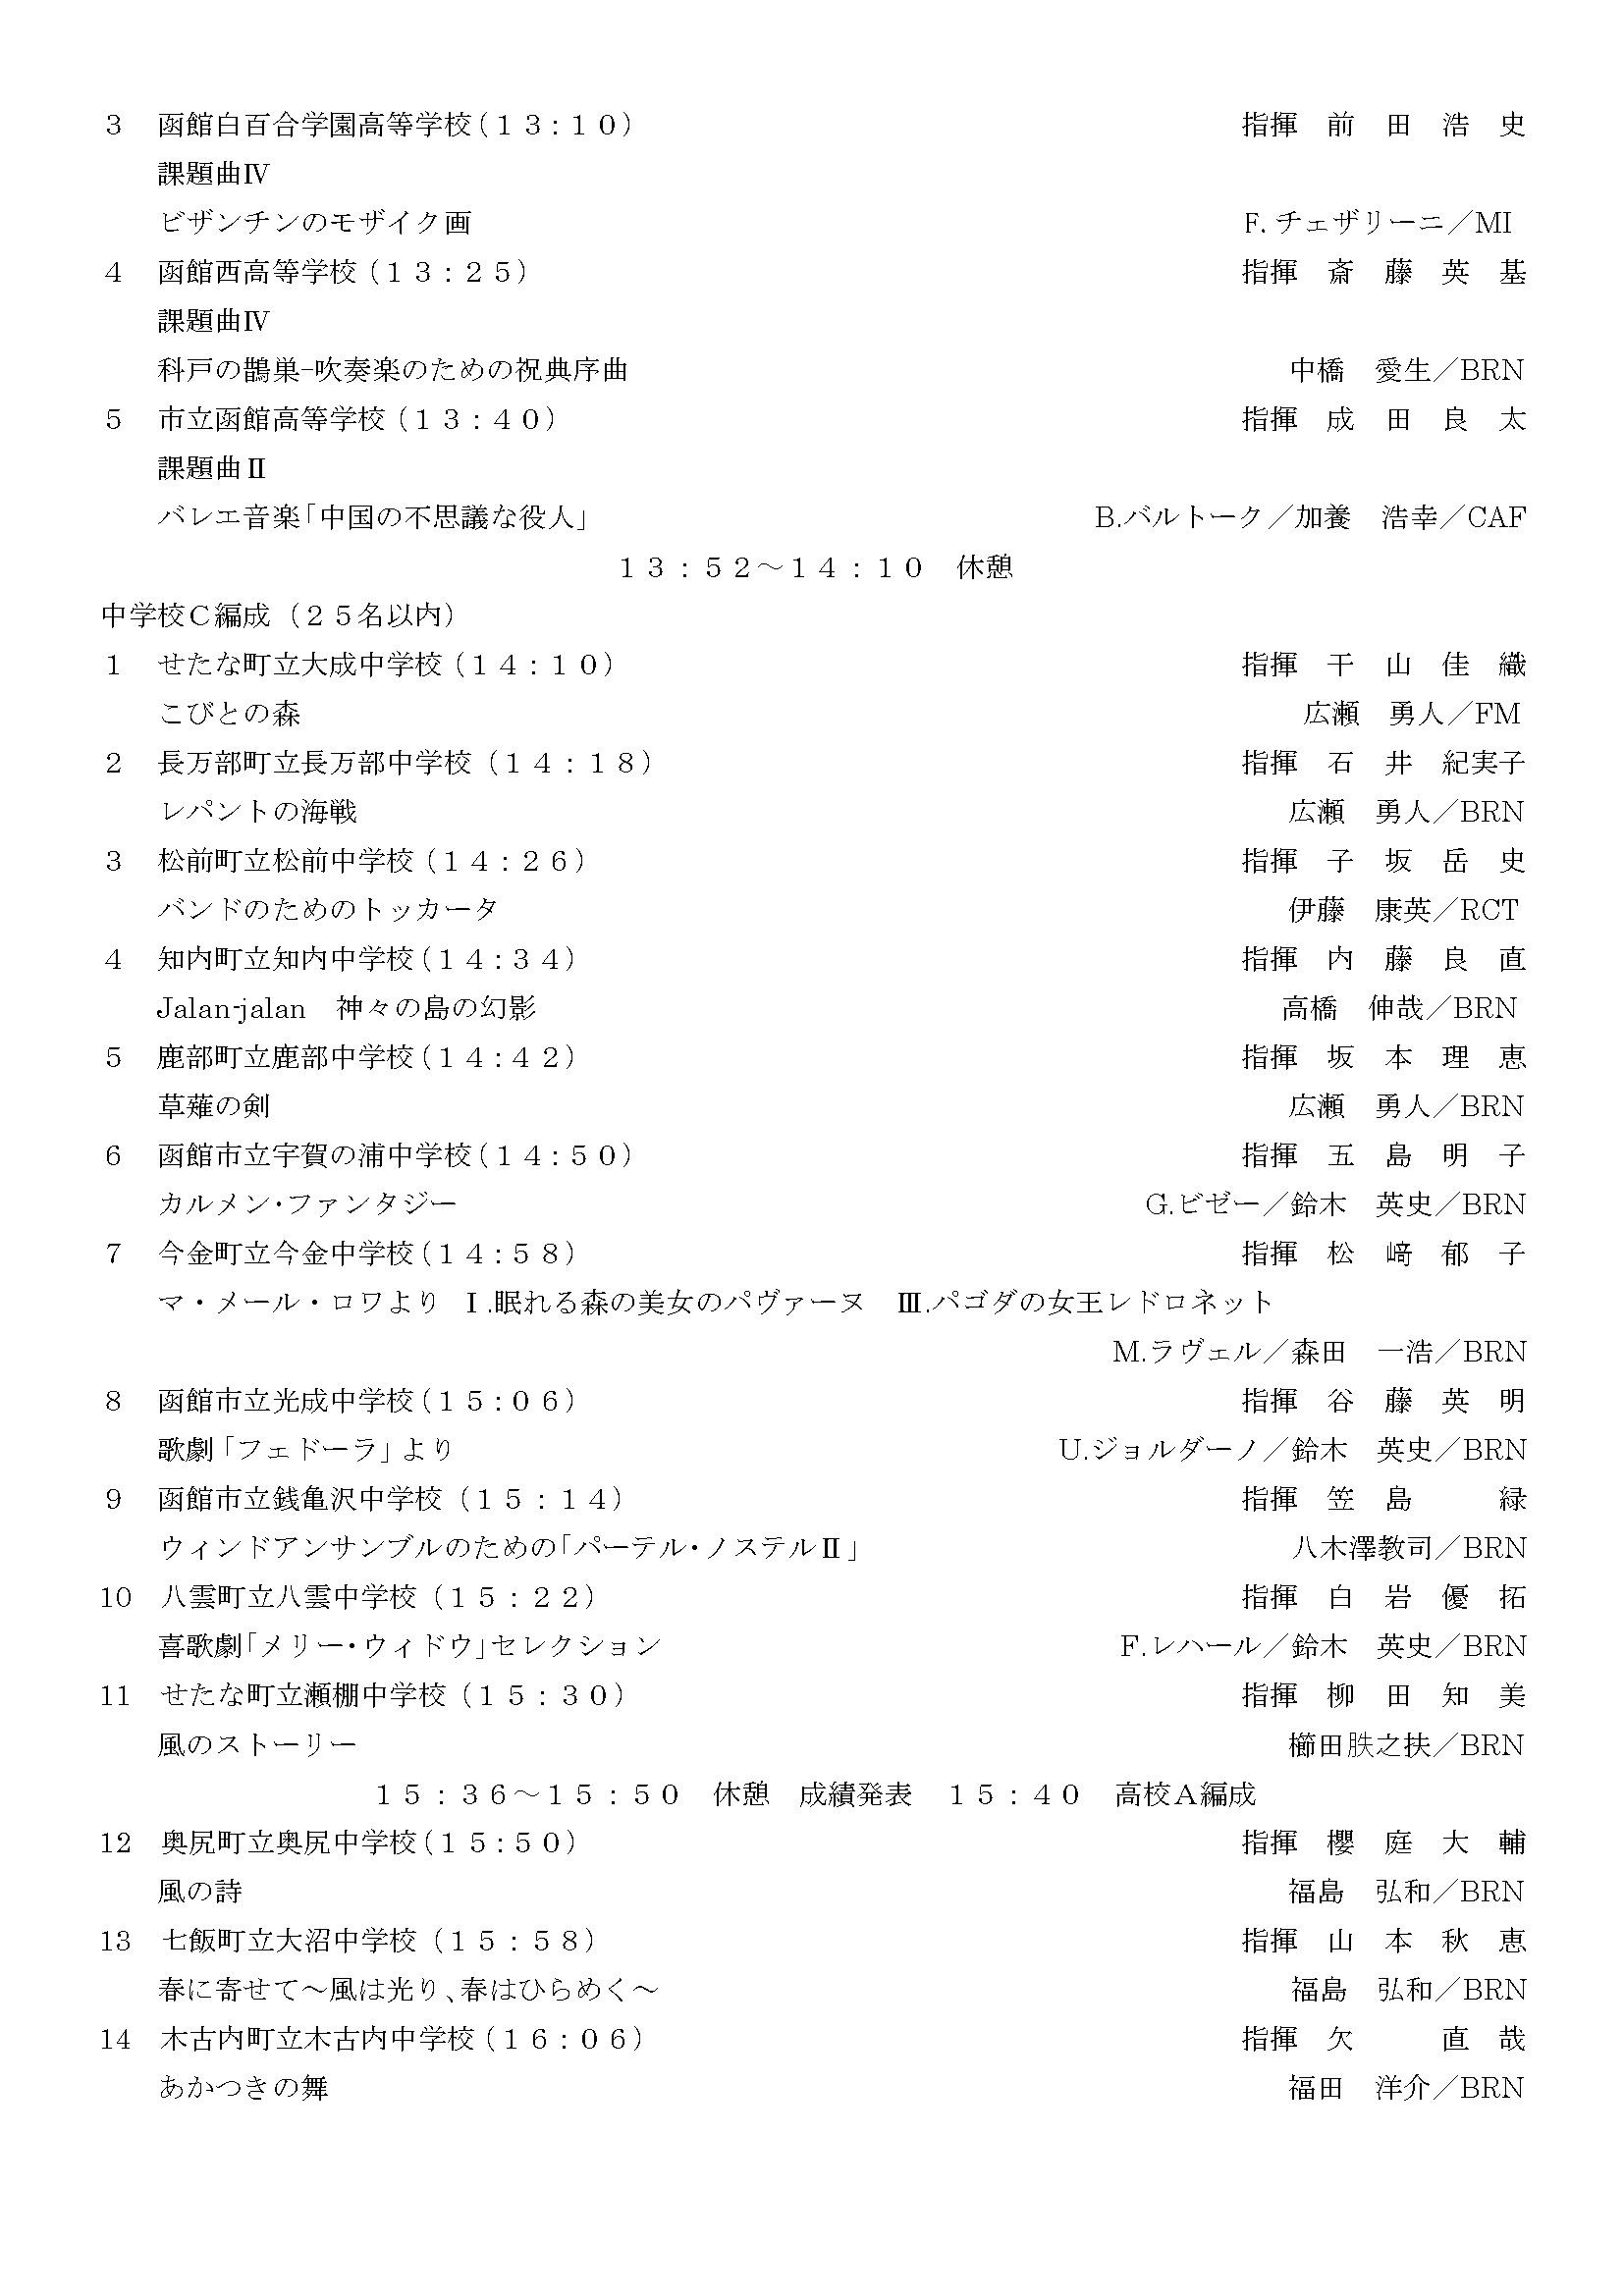 函館地区コンクール仮プログラム_ページ_4